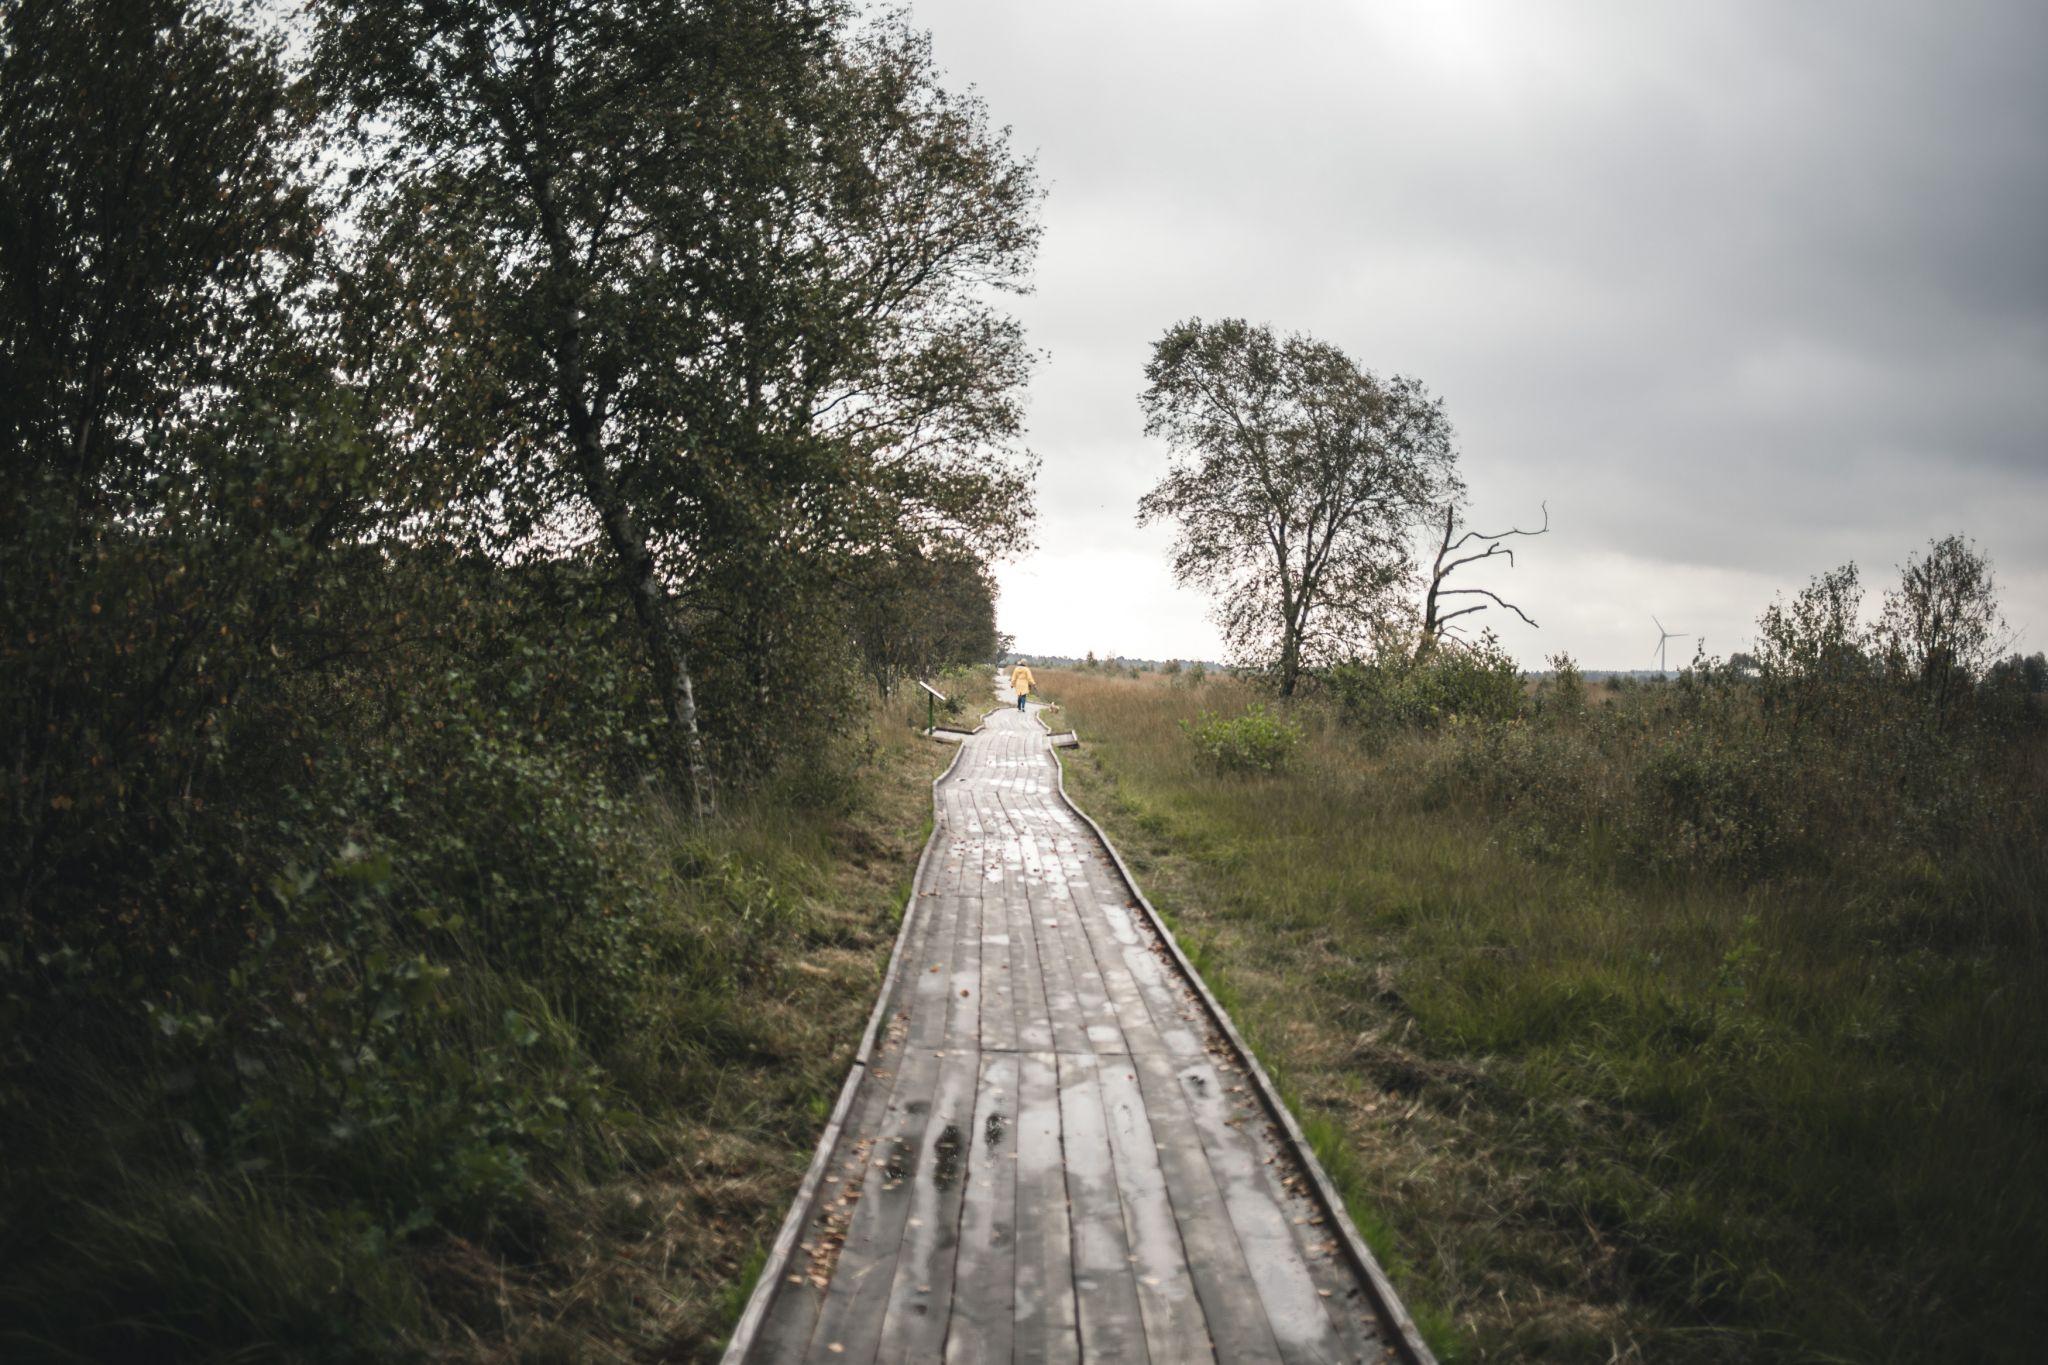 Ewiges Meer Ostfriesland (Eversmeer), Germany